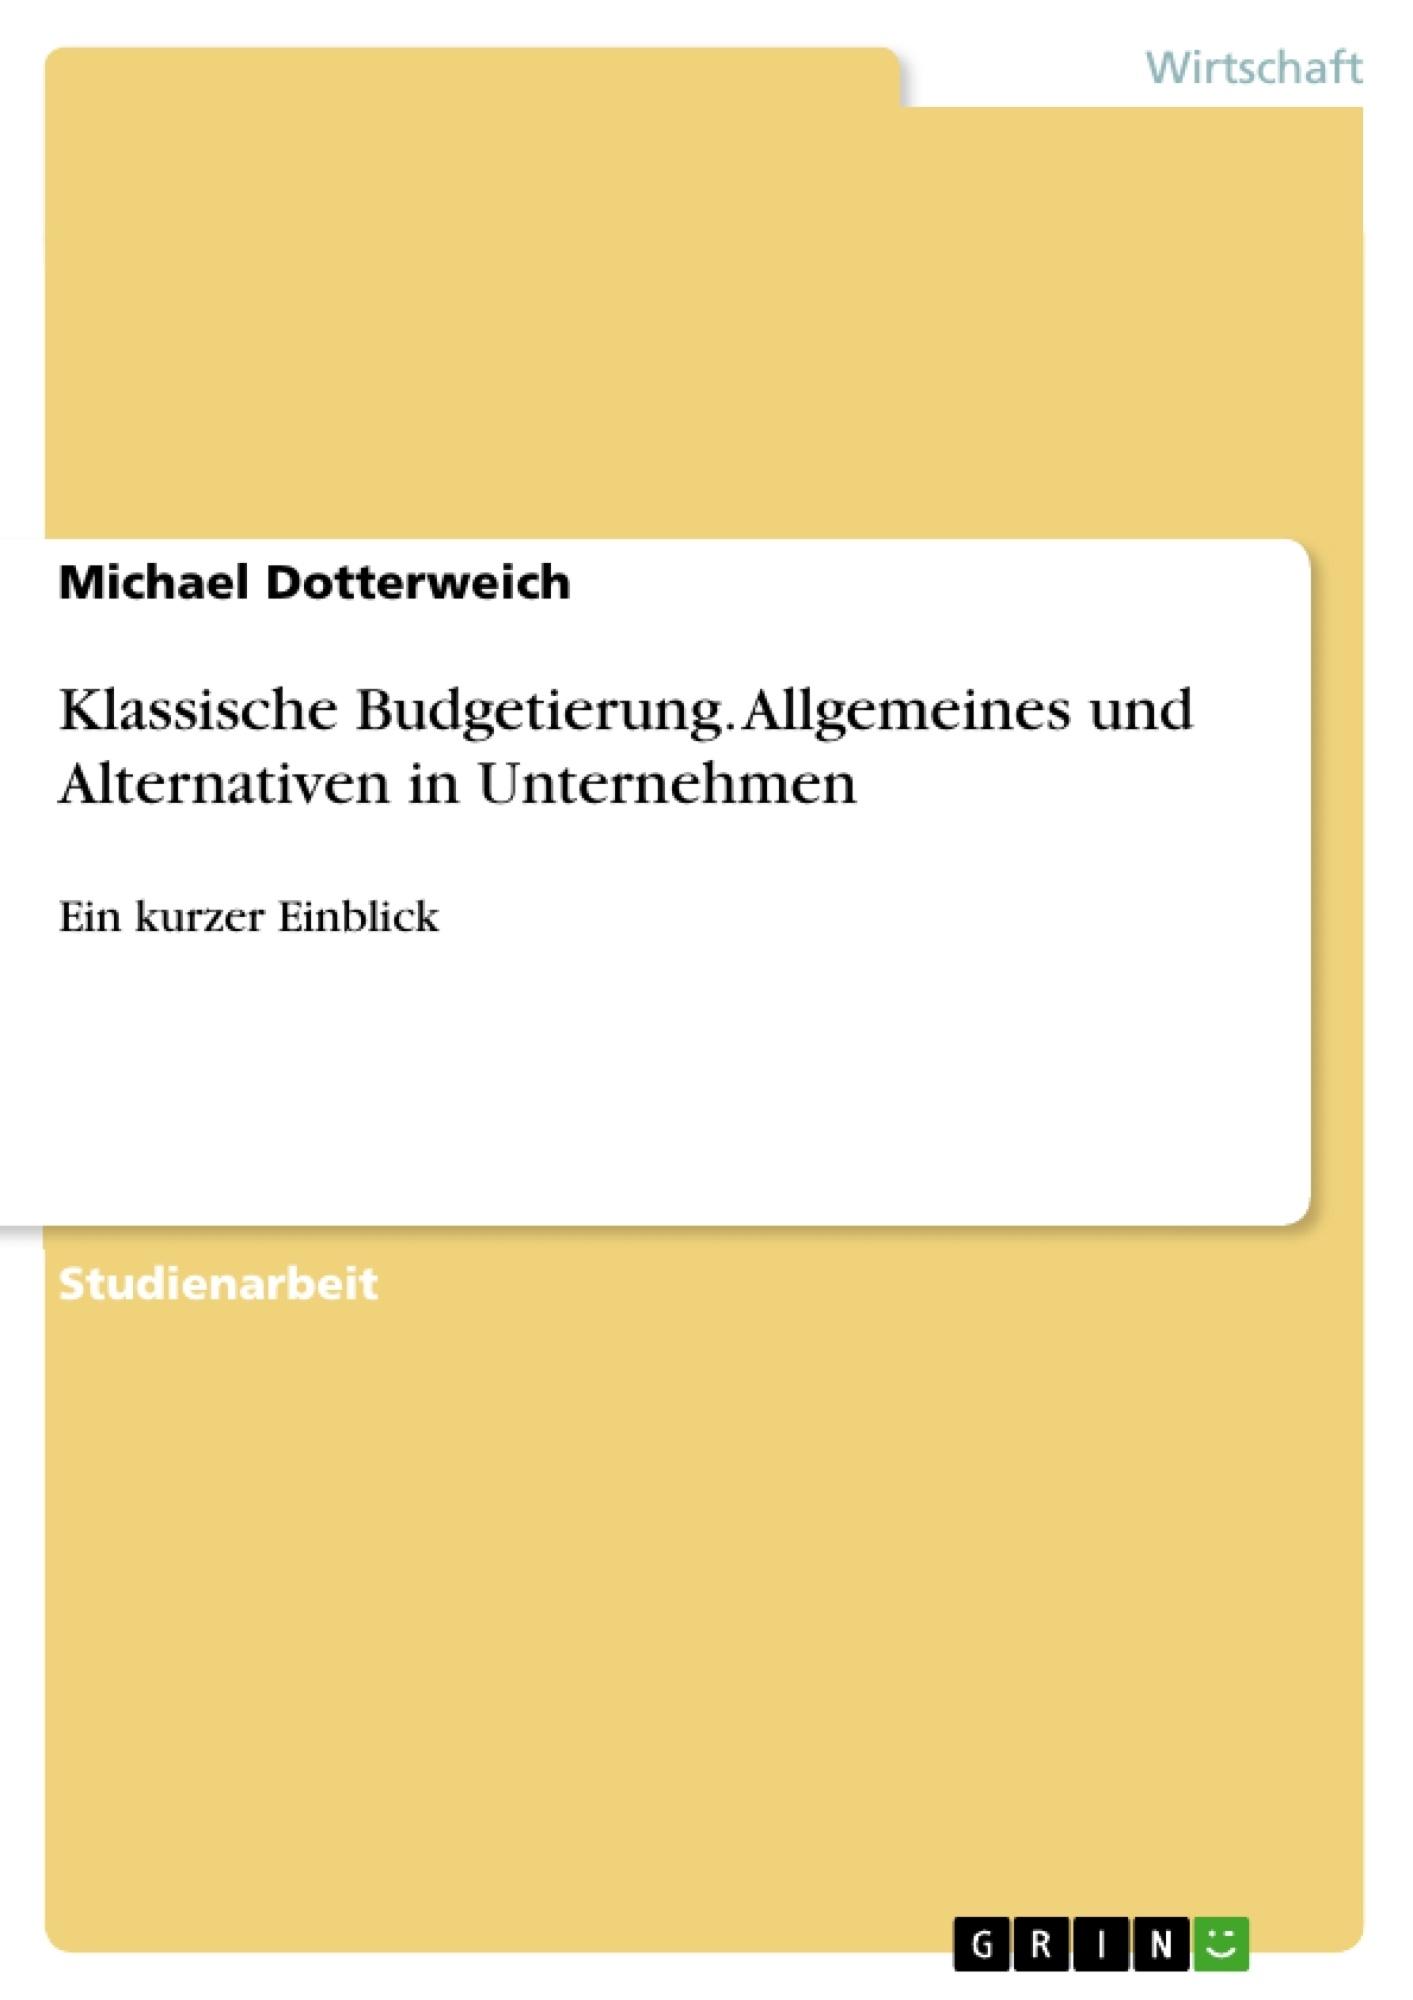 Titel: Klassische Budgetierung. Allgemeines und Alternativen in Unternehmen